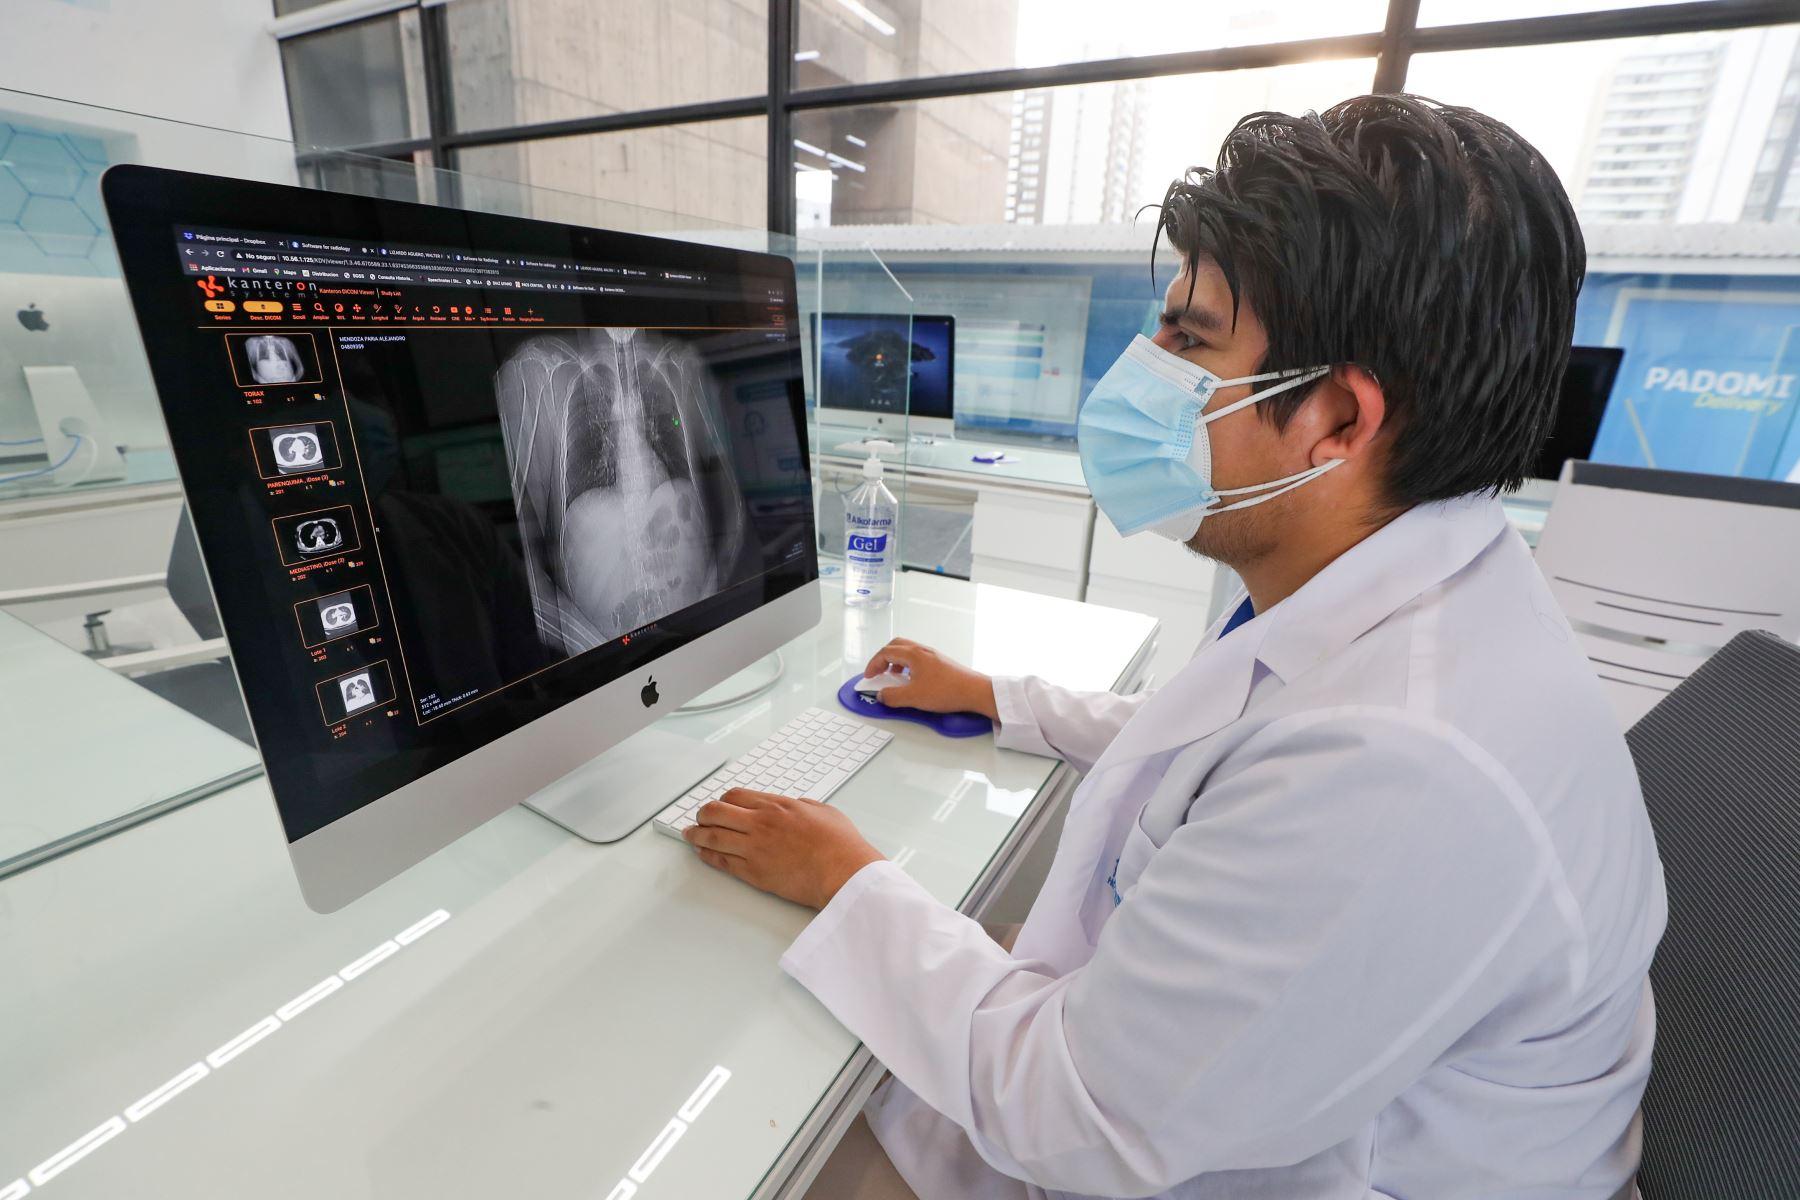 Minsa implementa el servicio de receta electrónica para pacientes en telemedicina